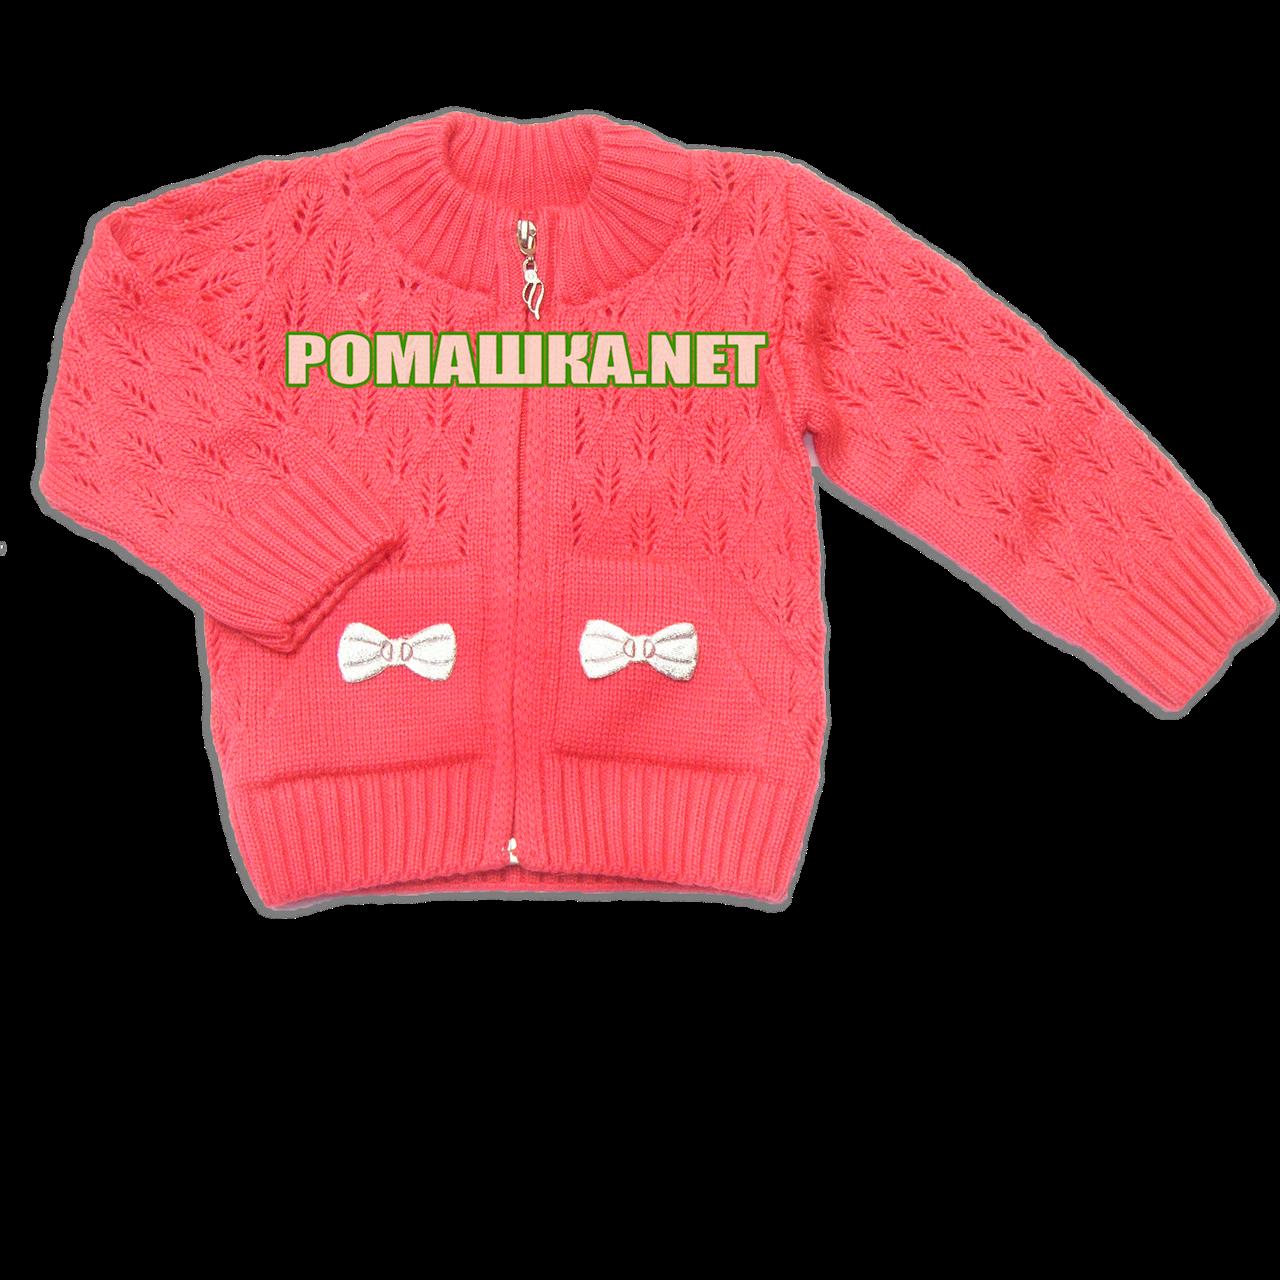 Детская вязанная кофта для девочки р. 92-98 на молнии 100% акрил 3333 Розовый 98 - Детский интернет-магазин «Ромашка» в Киеве